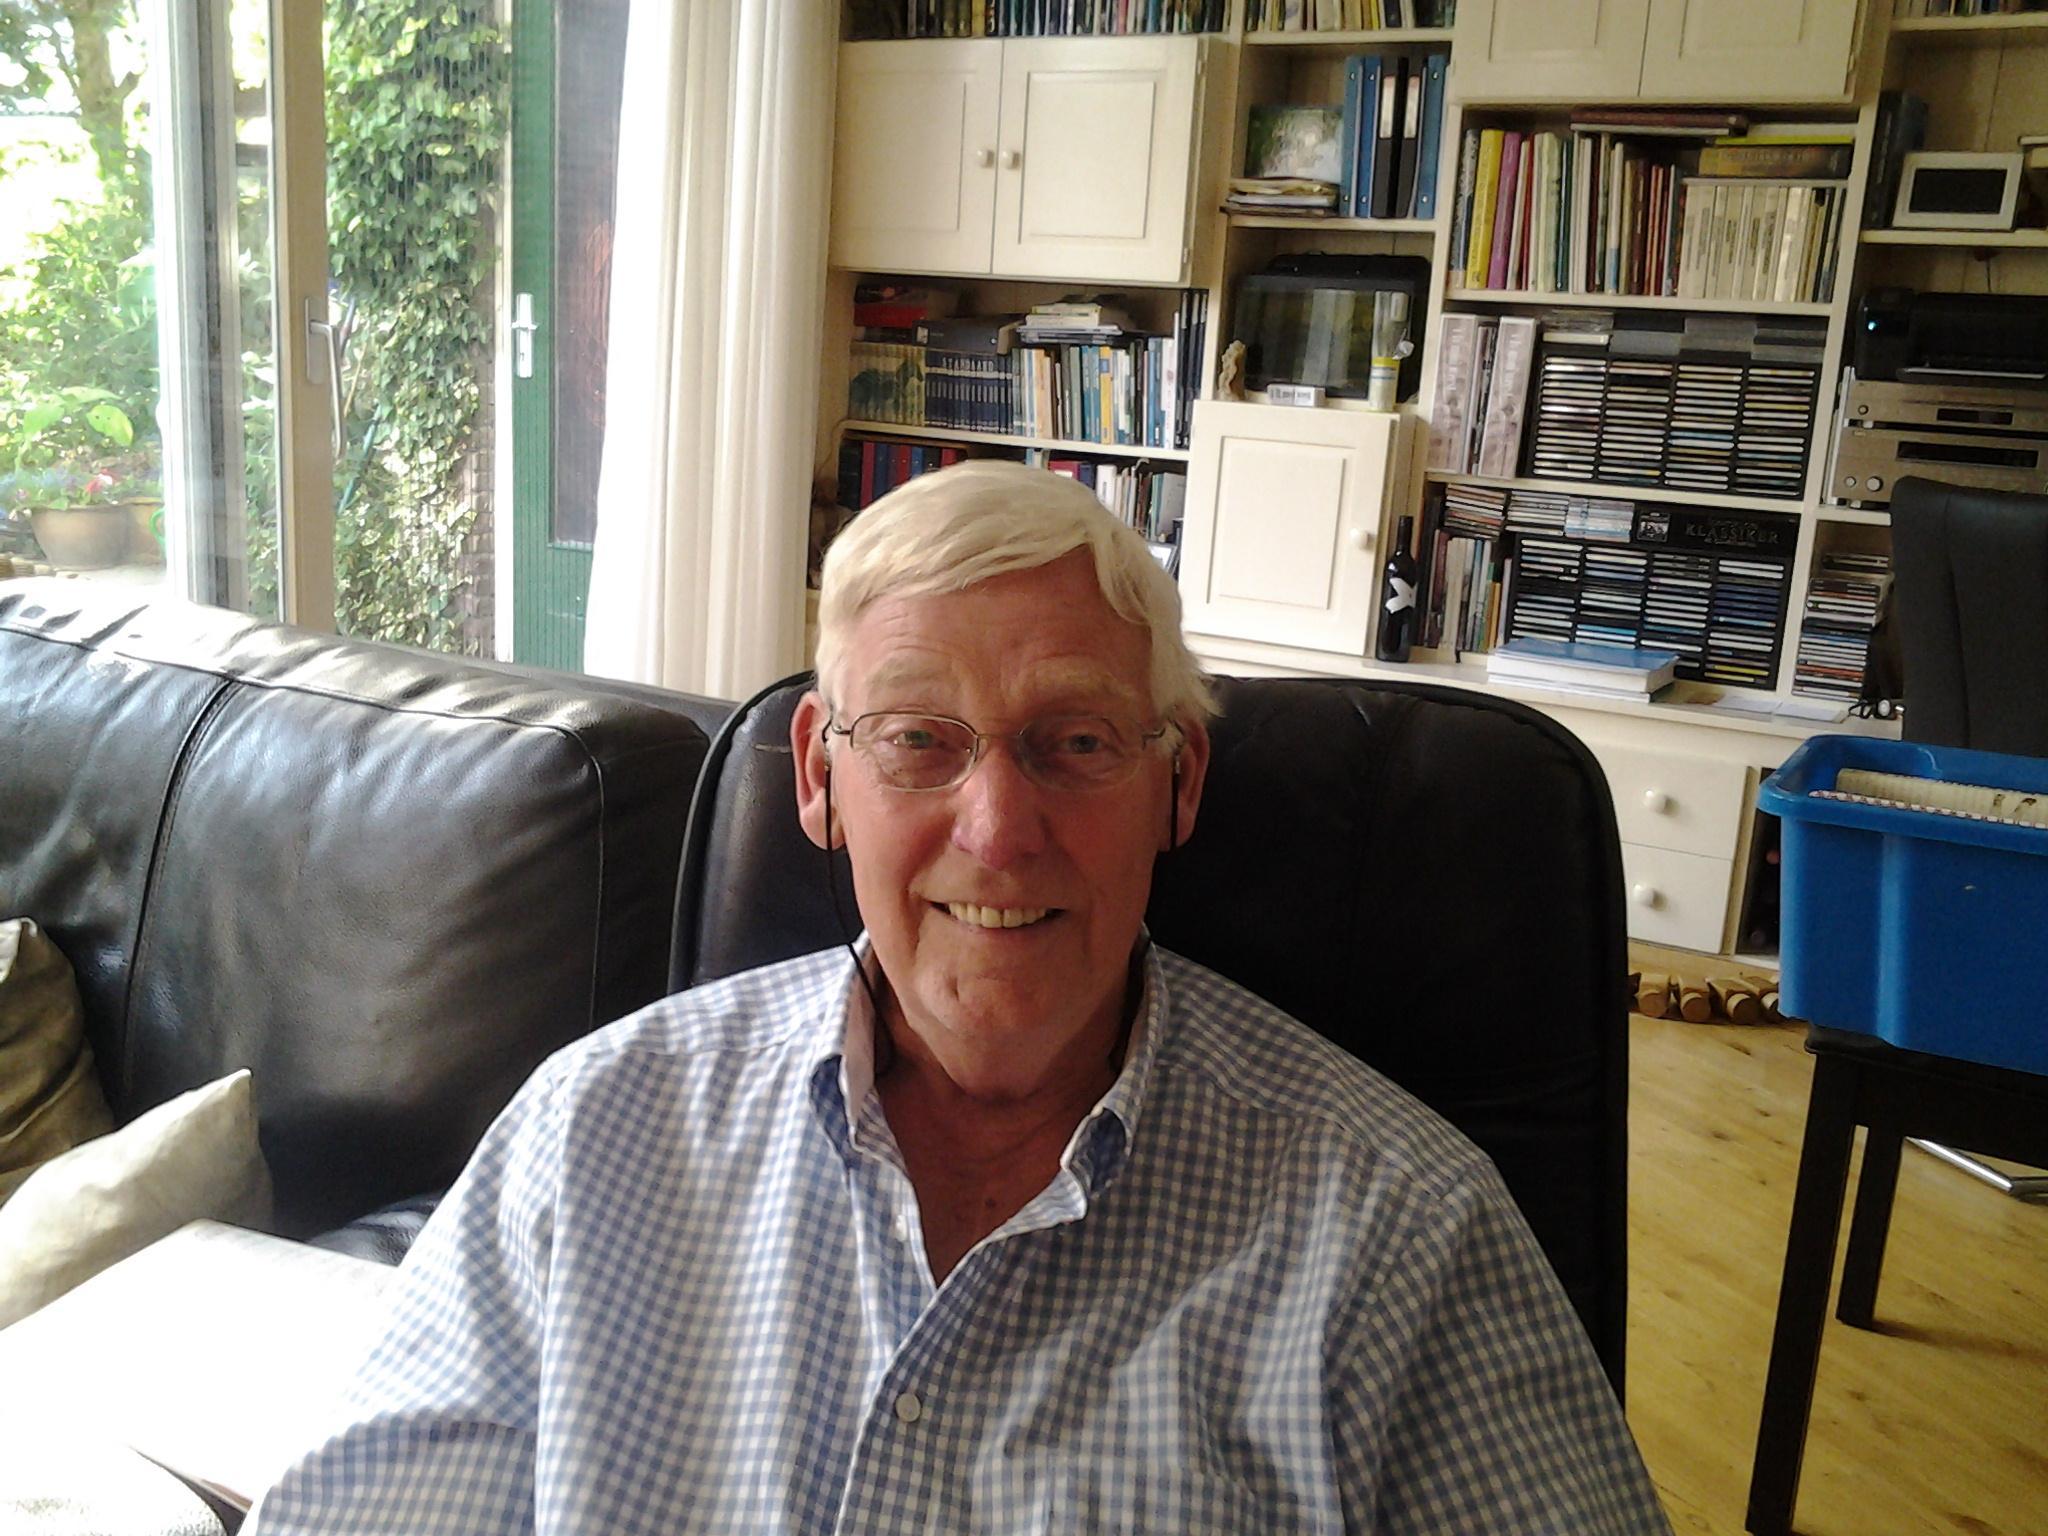 Onderwijsman Henk Klijn uit 't Veld overleden, 78 jaar. Een stille kracht op wie je kon bouwen